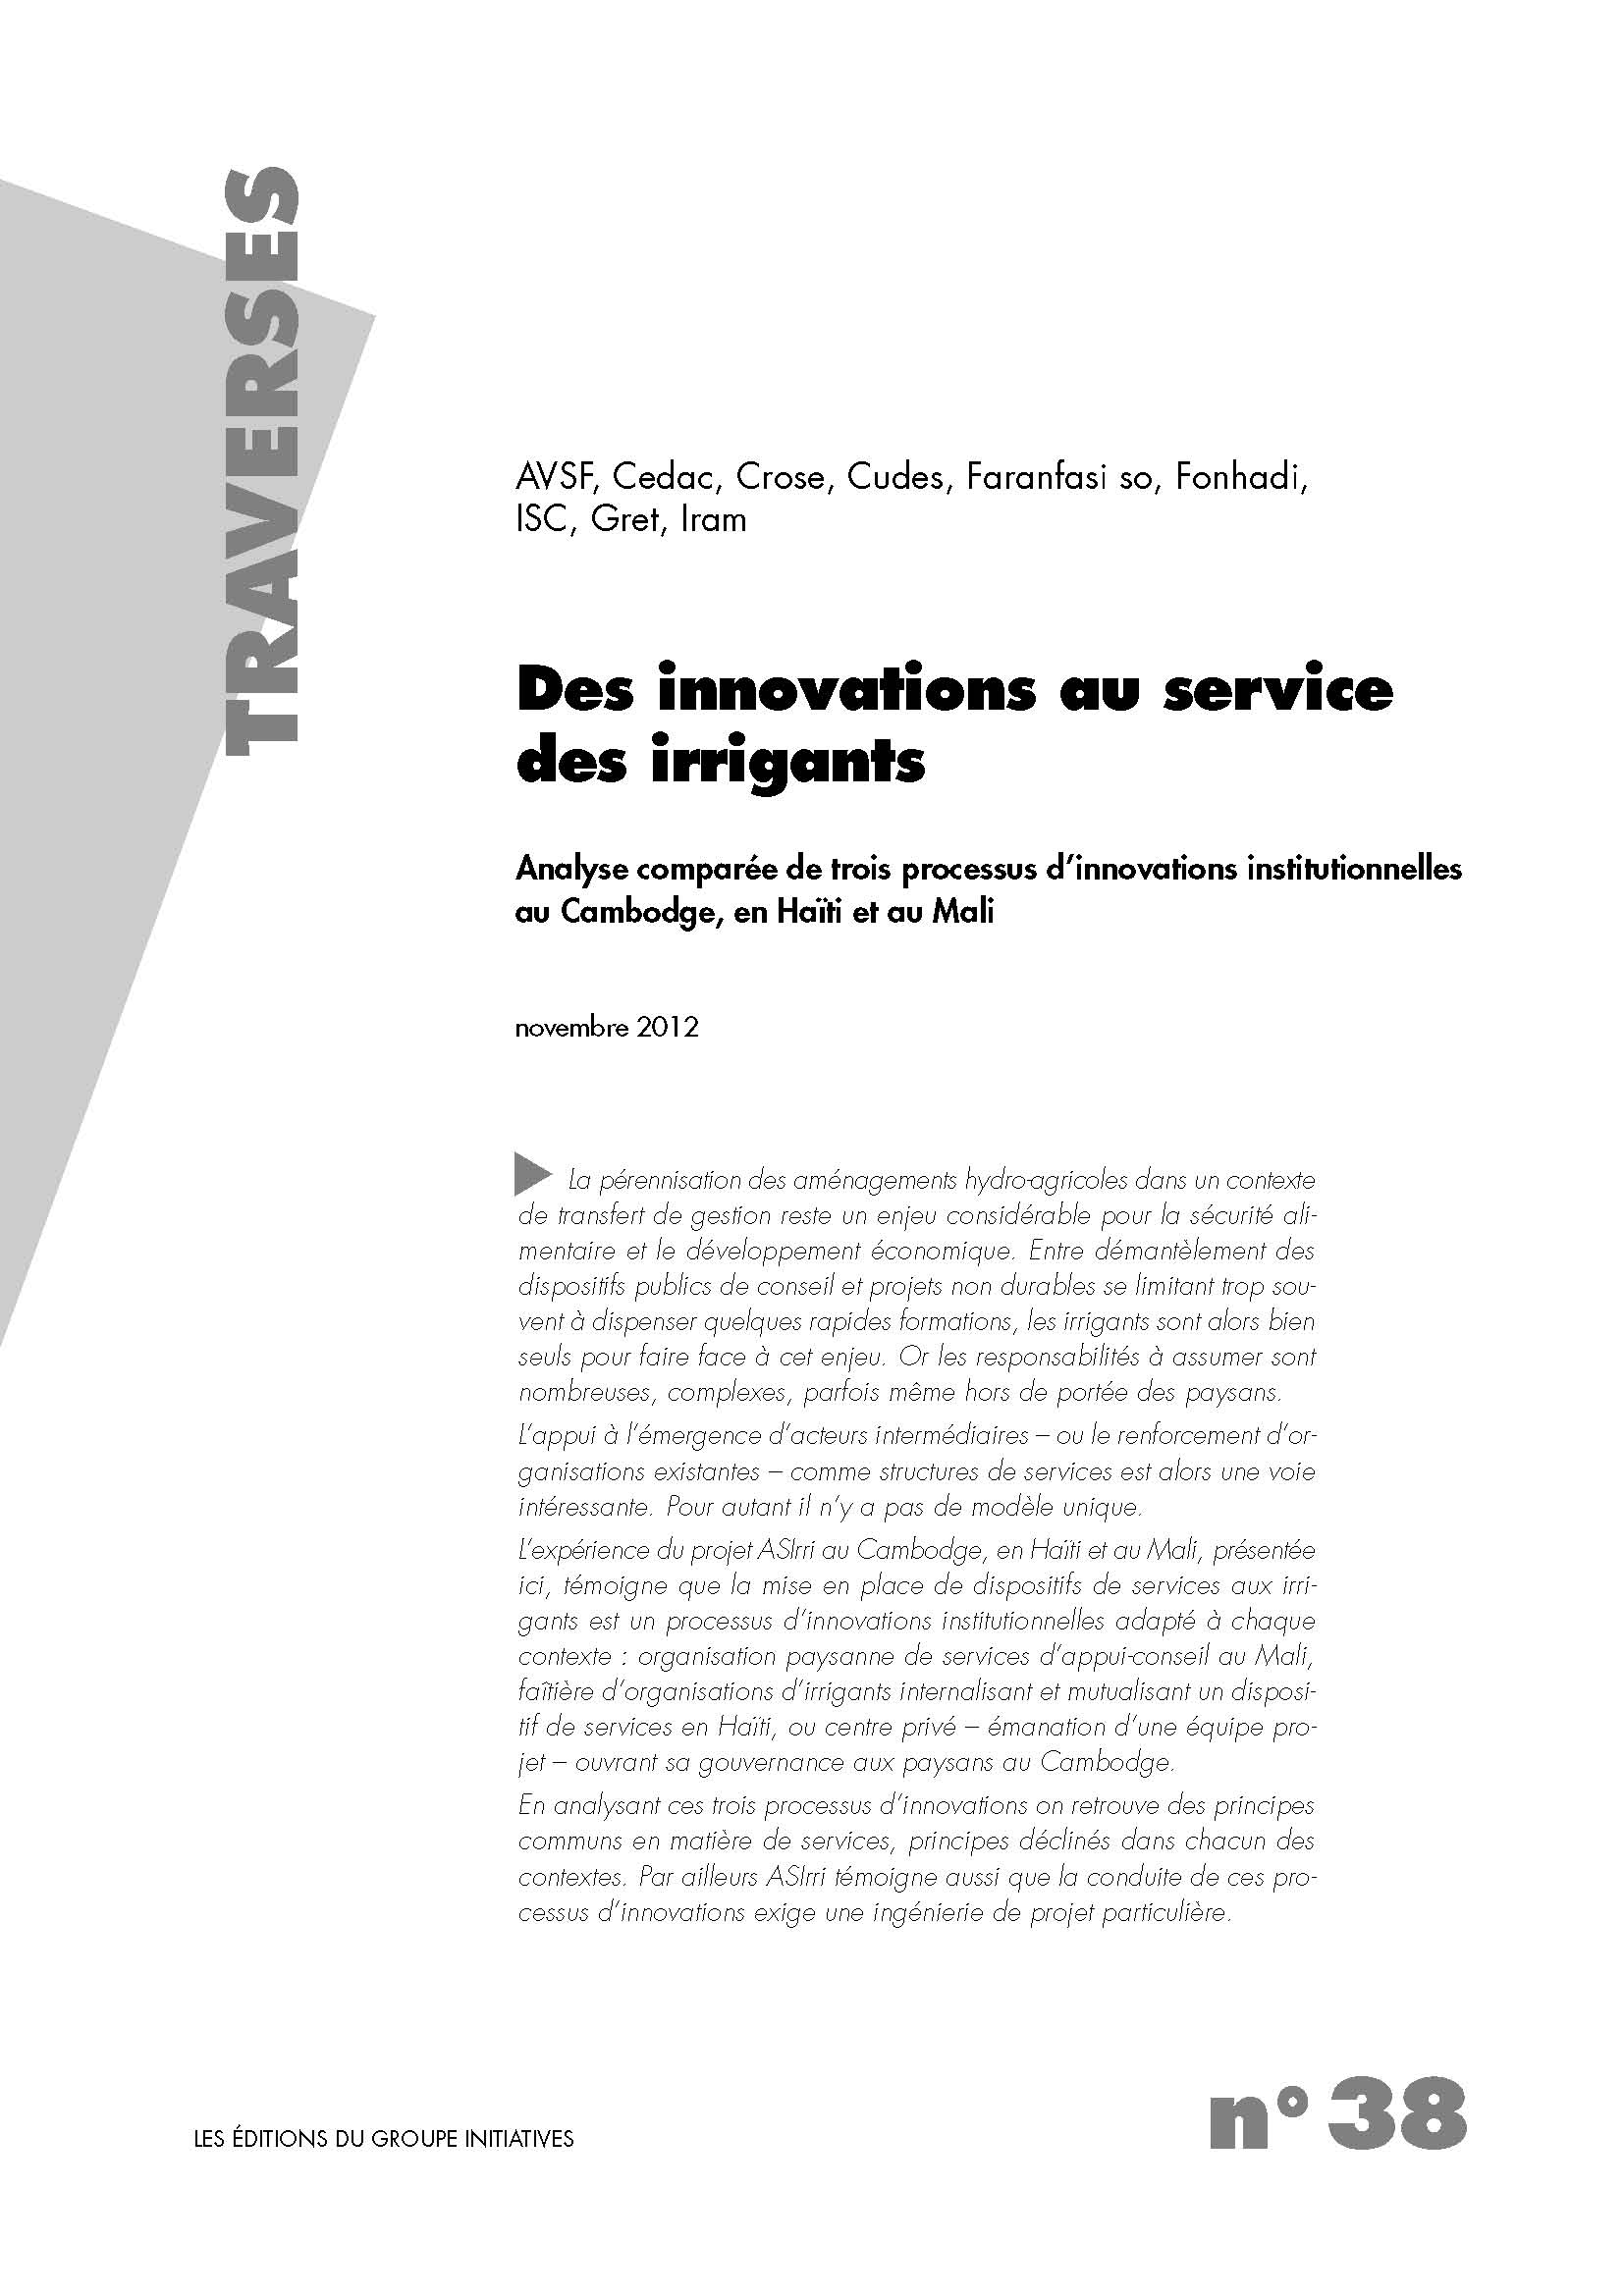 Traverse - Des innovations au service des irrigants : Analyse comparée de trois processus d'innovations institutionnelles au Cambodge, en Haïti et au Mali